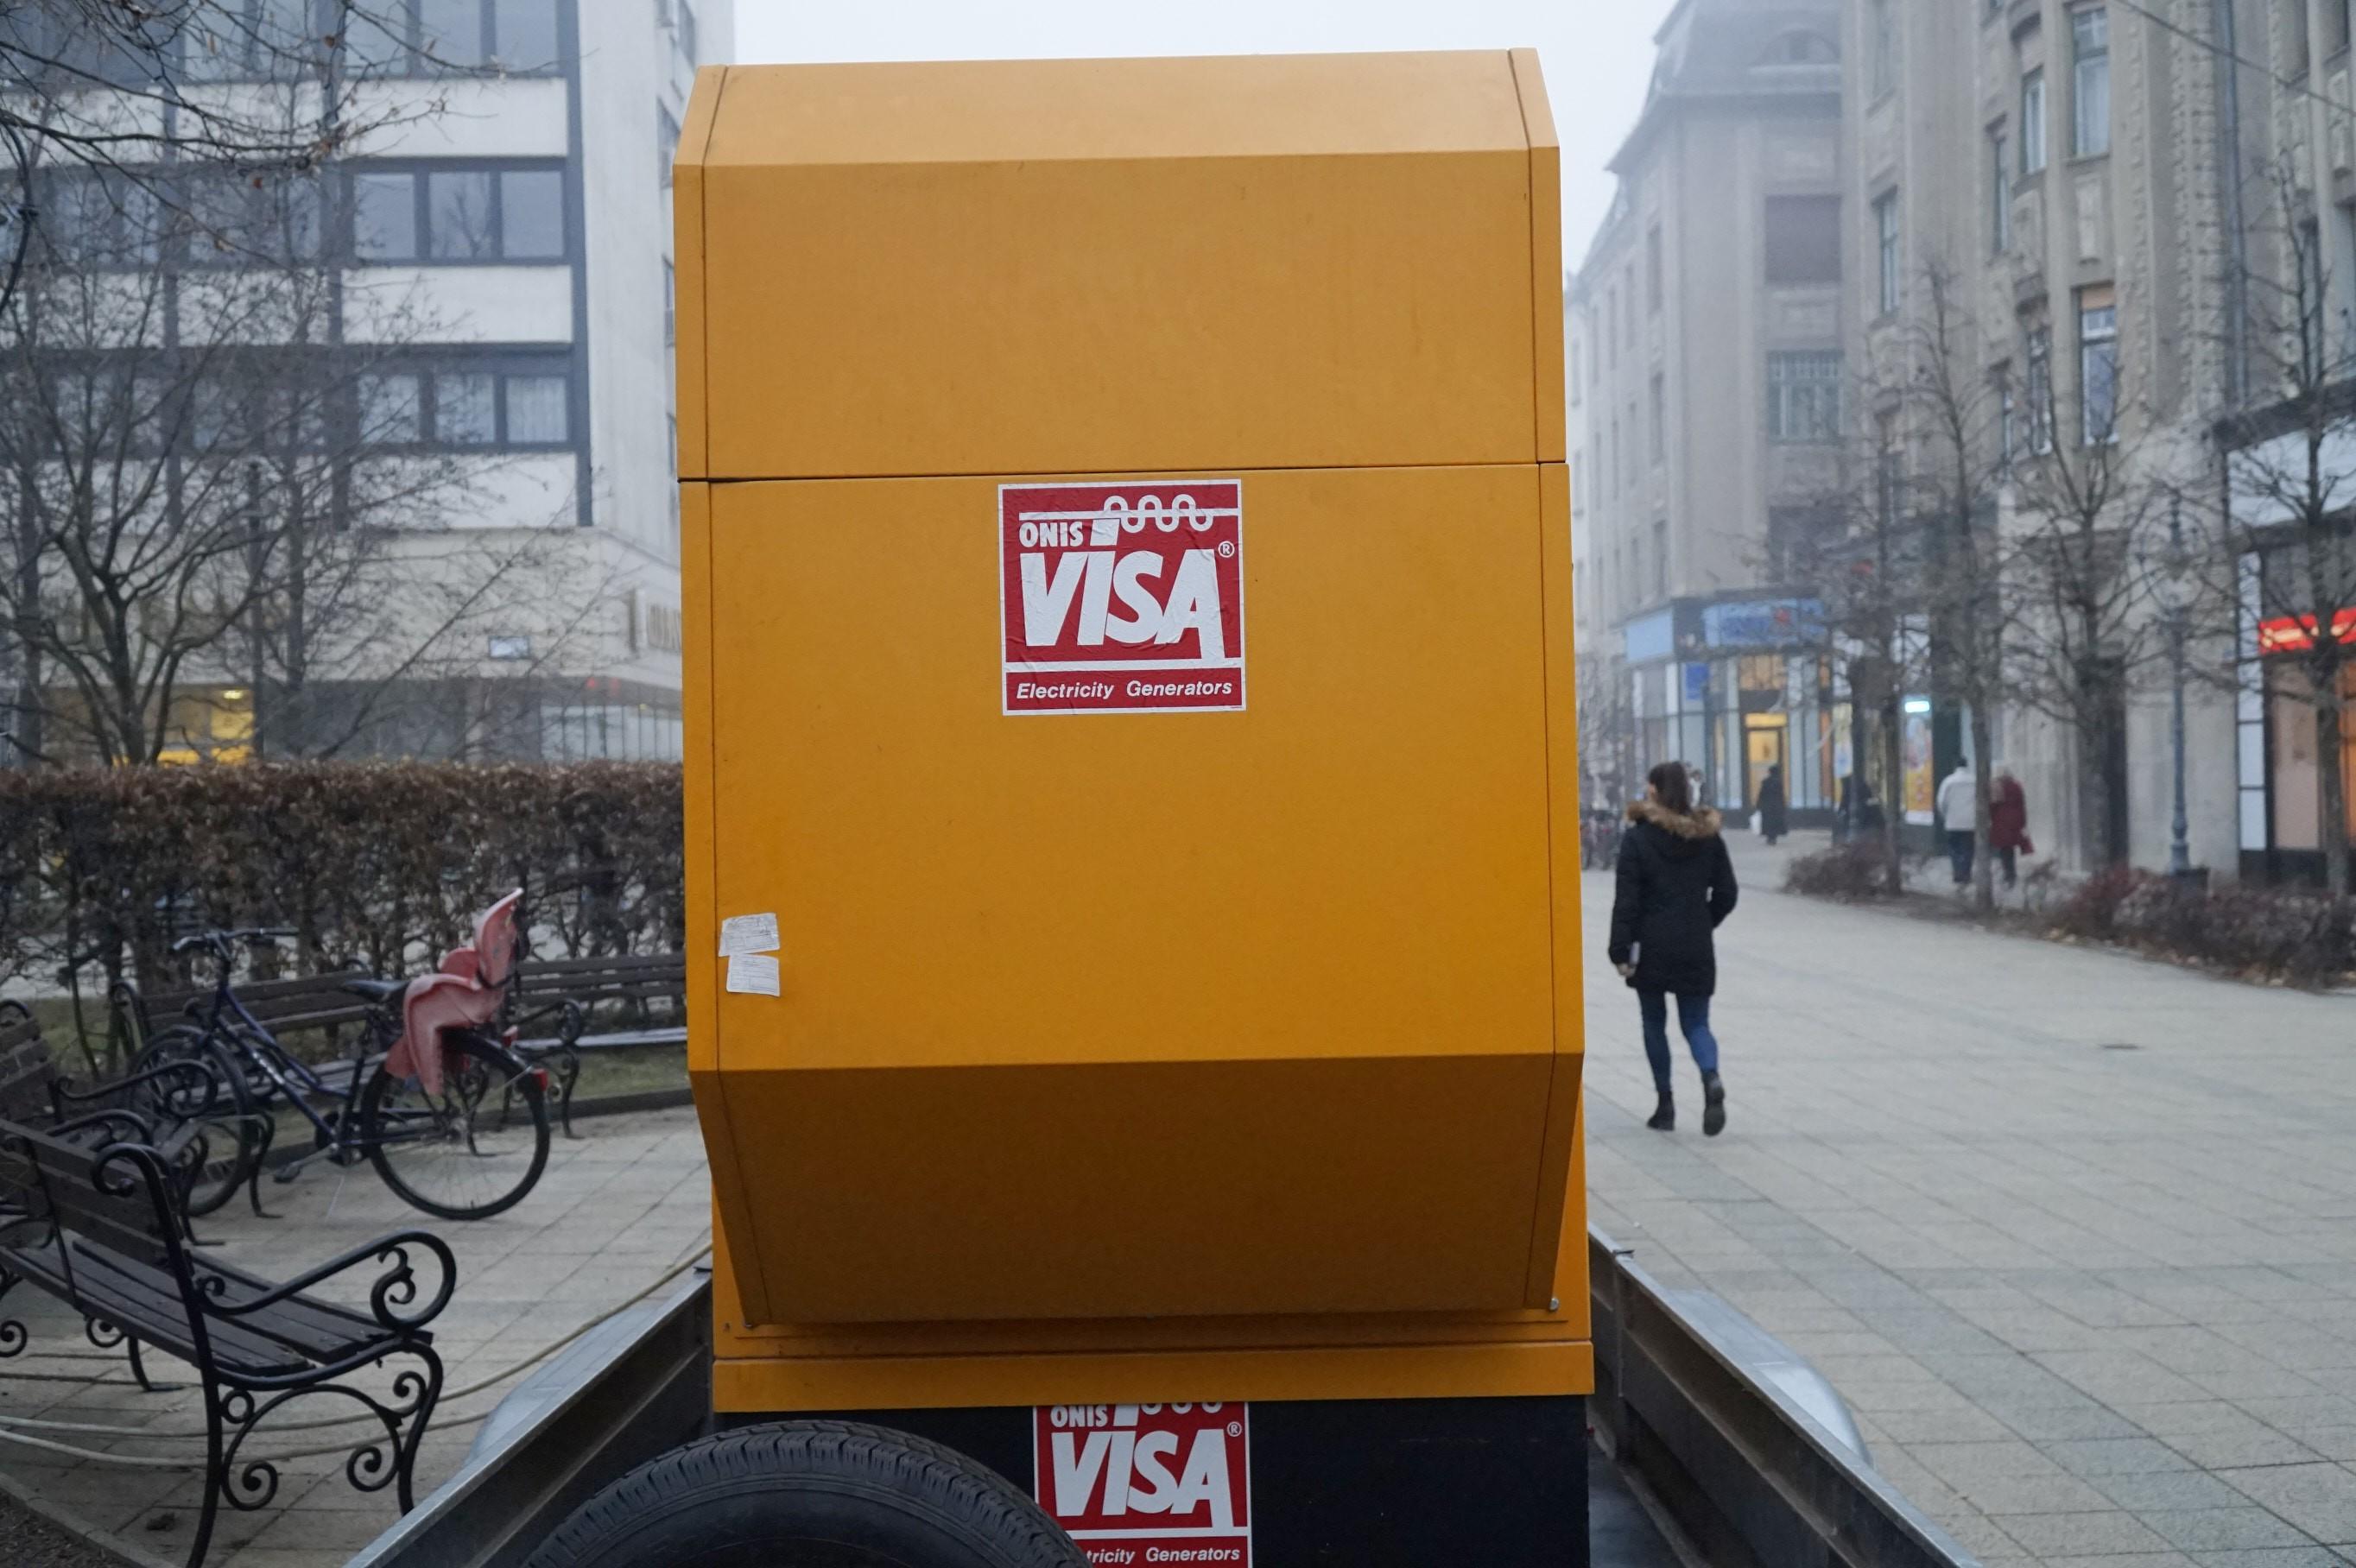 Mit csinál a sárga csúfság a debreceni belvárosban?